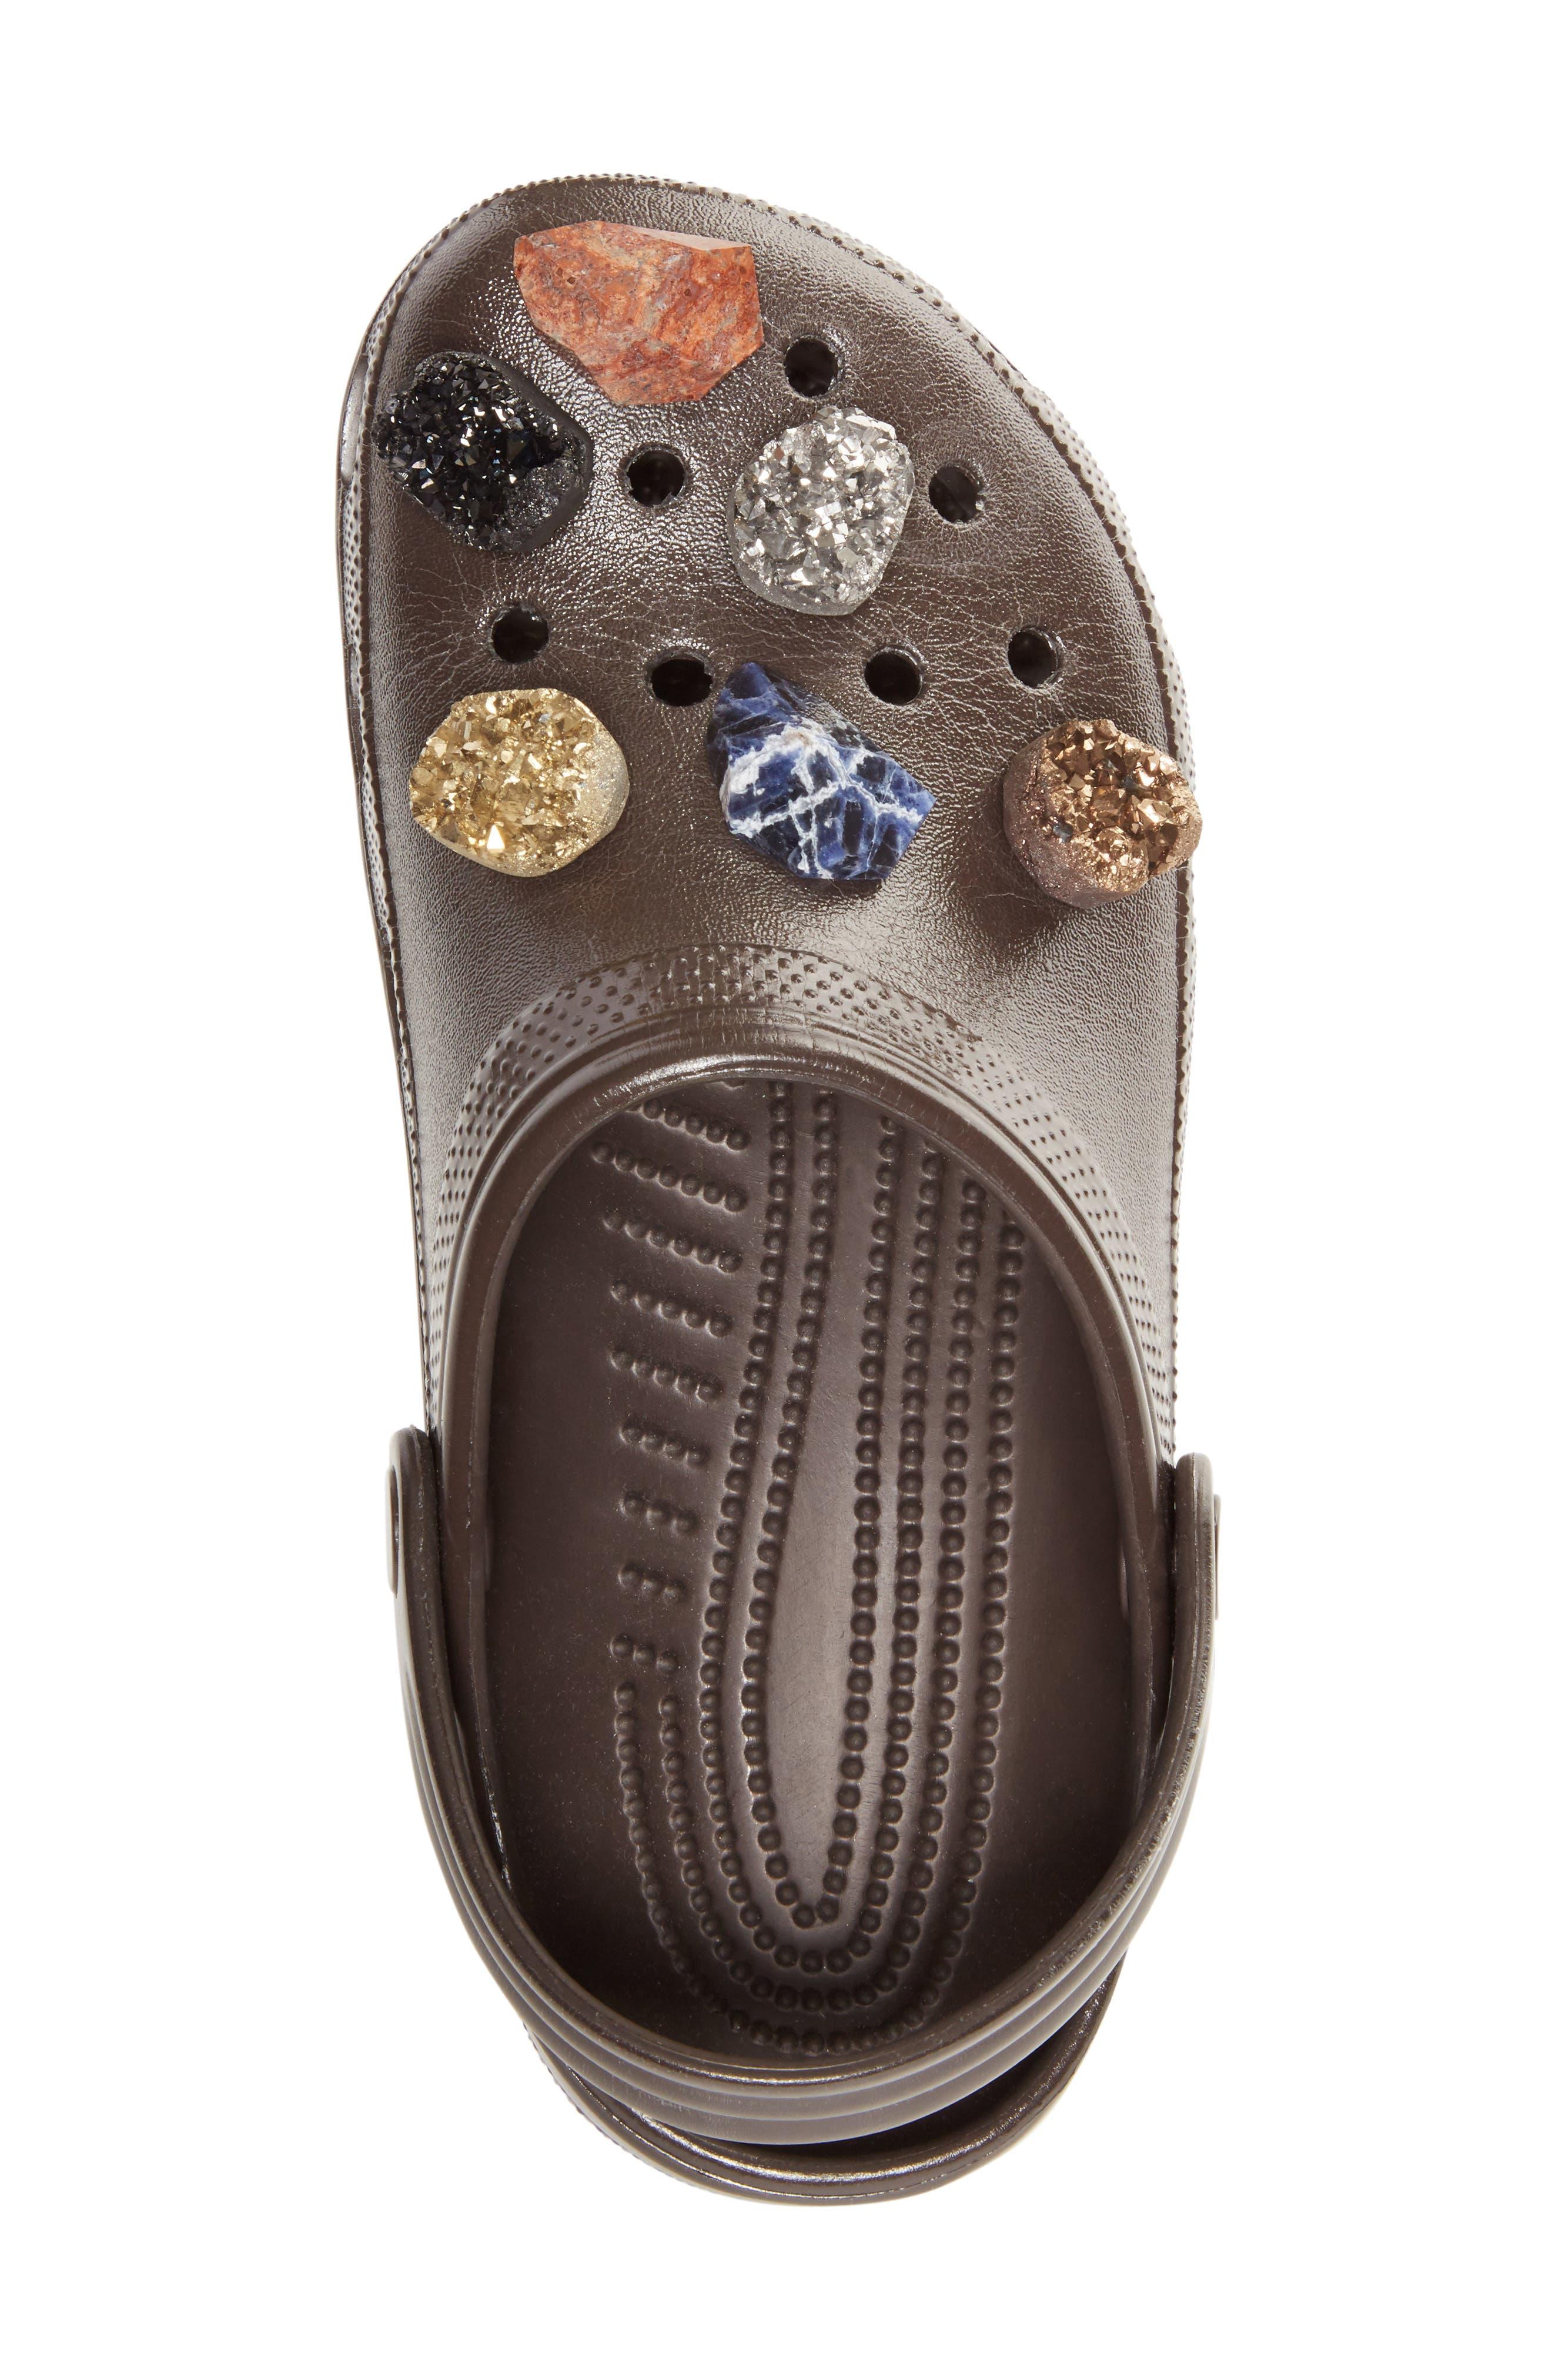 x CROCS<sup>™</sup> Multi Stone Clog Sandal,                             Alternate thumbnail 3, color,                             200